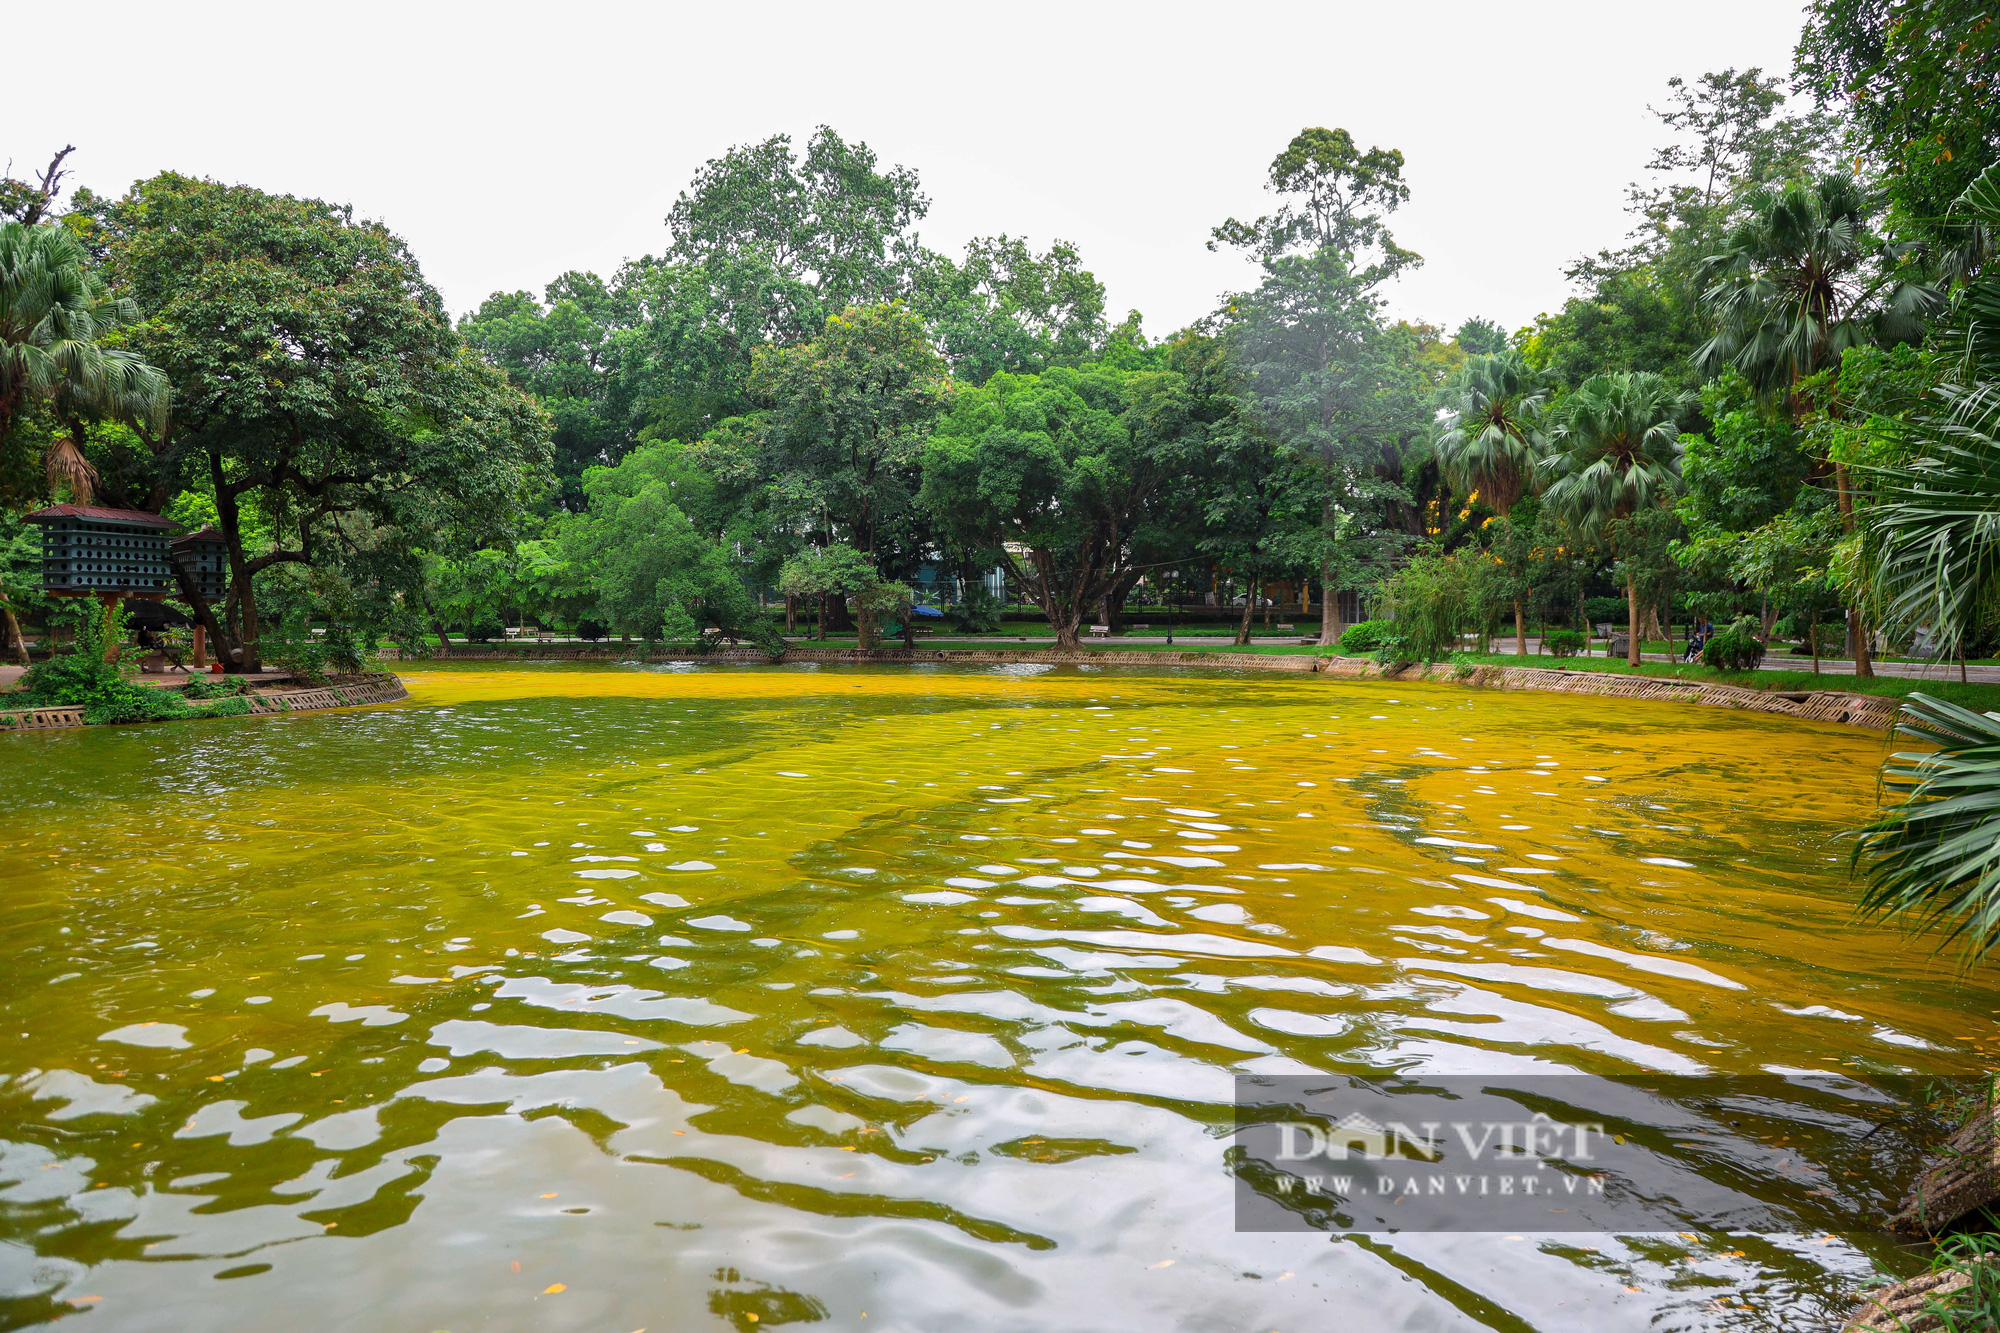 Hà Nội: Mặt nước hồ Bách Thảo bất ngờ chuyển màu vàng lạ mắt - Ảnh 13.